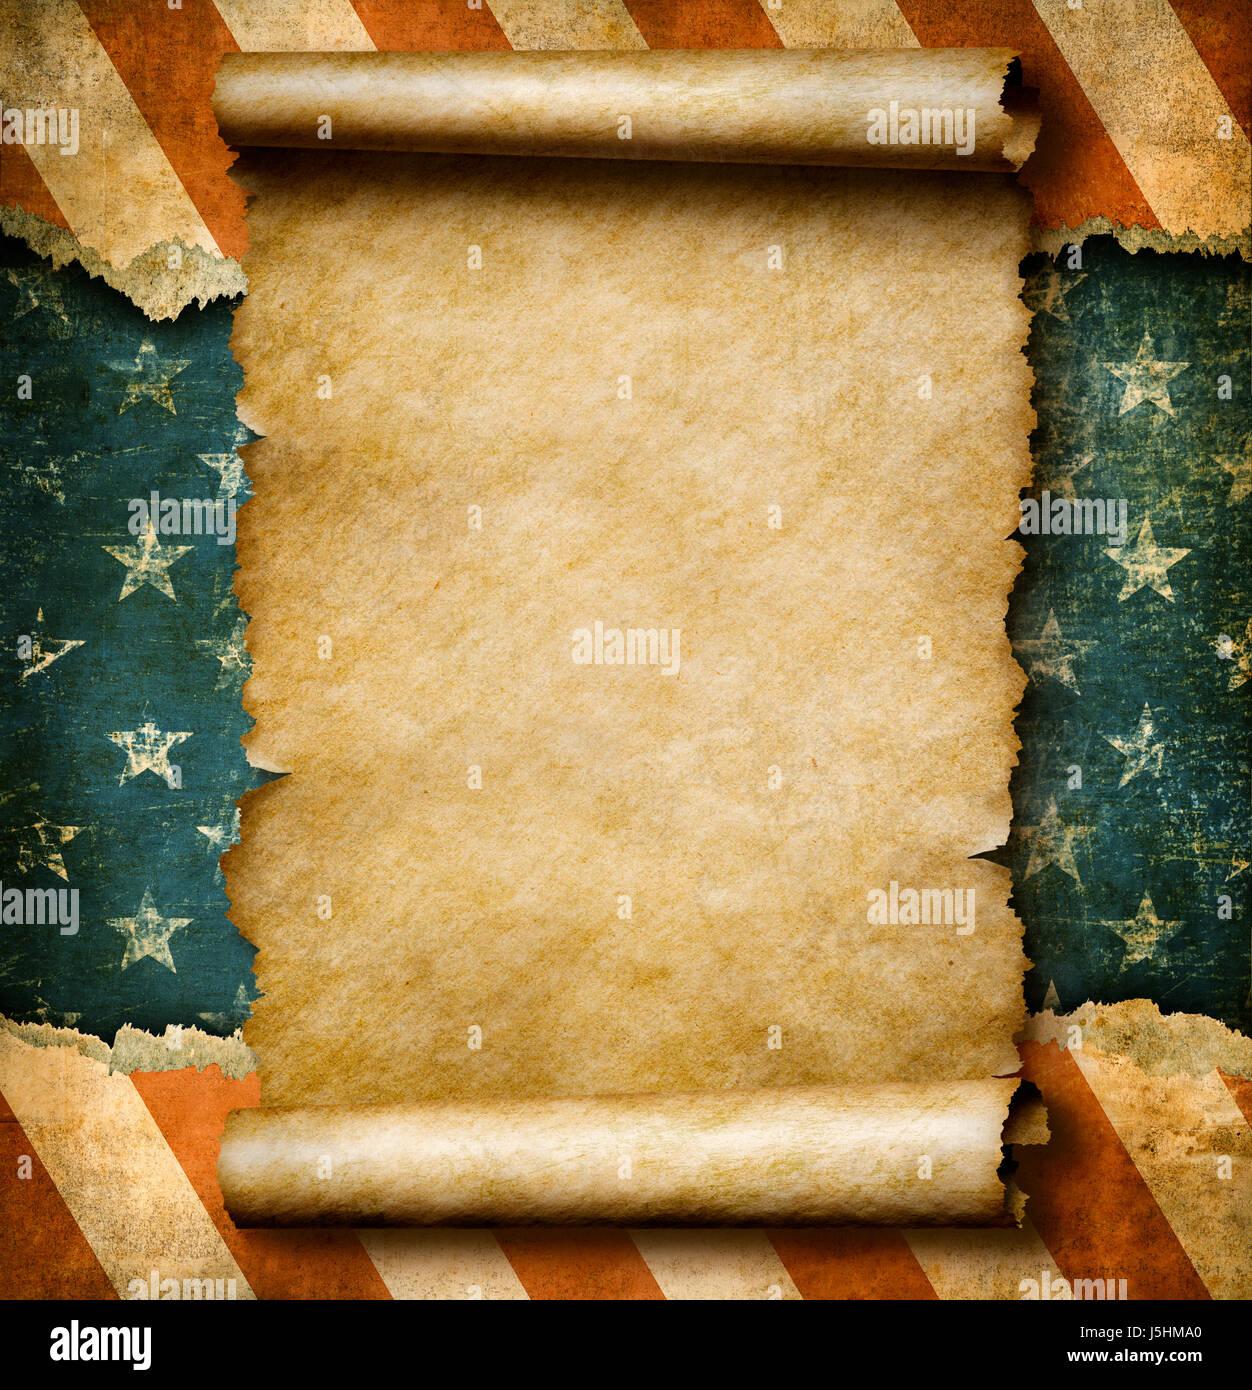 Grunge leere Papierrolle oder Pergament über USA Flagge ...